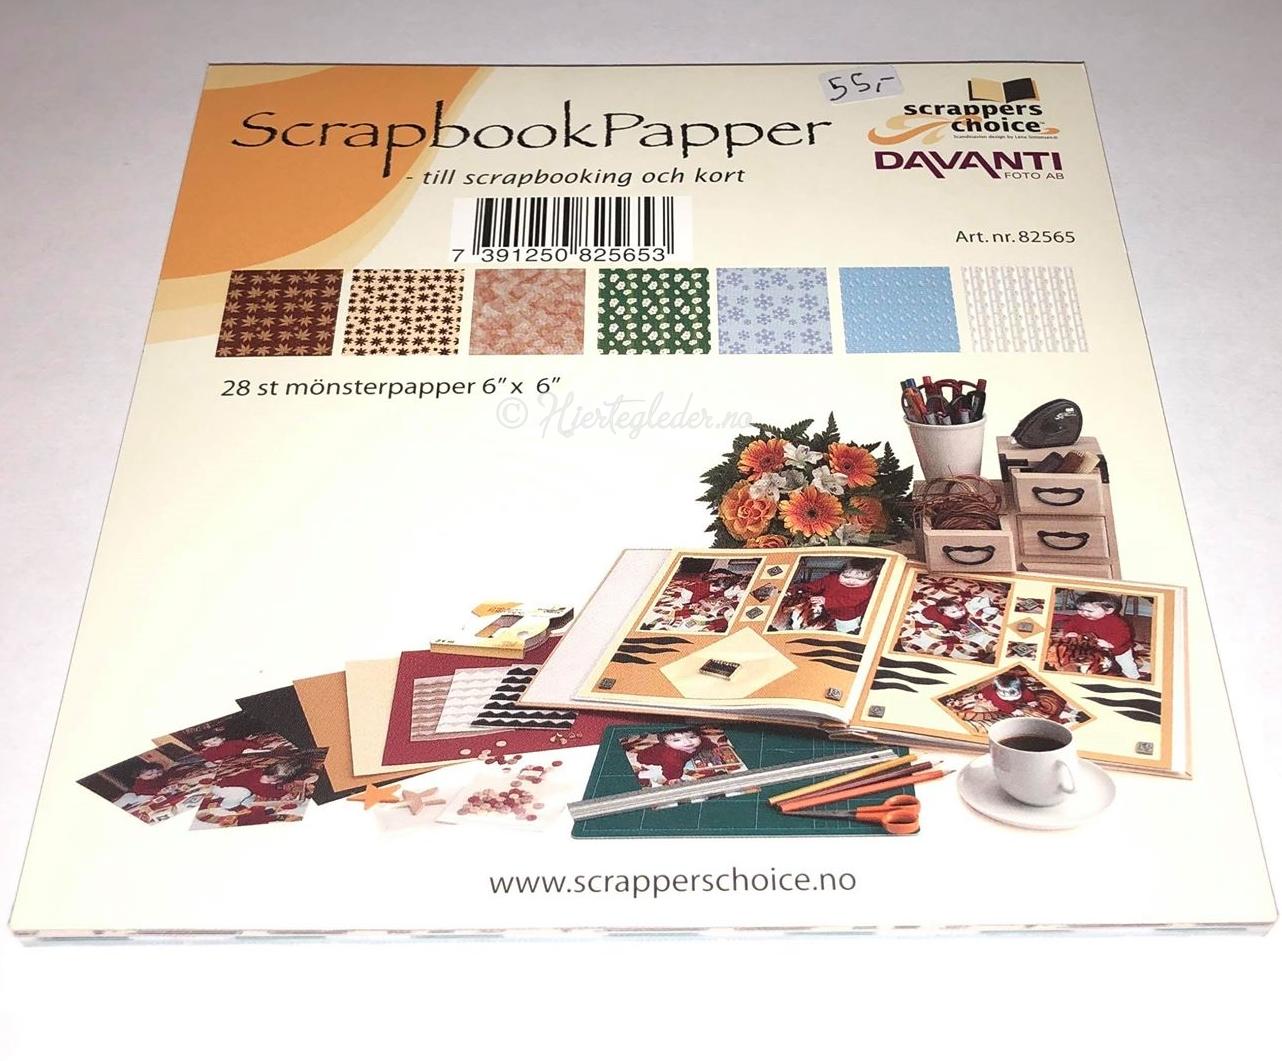 Scrapbookpaper Blokk 28 ark